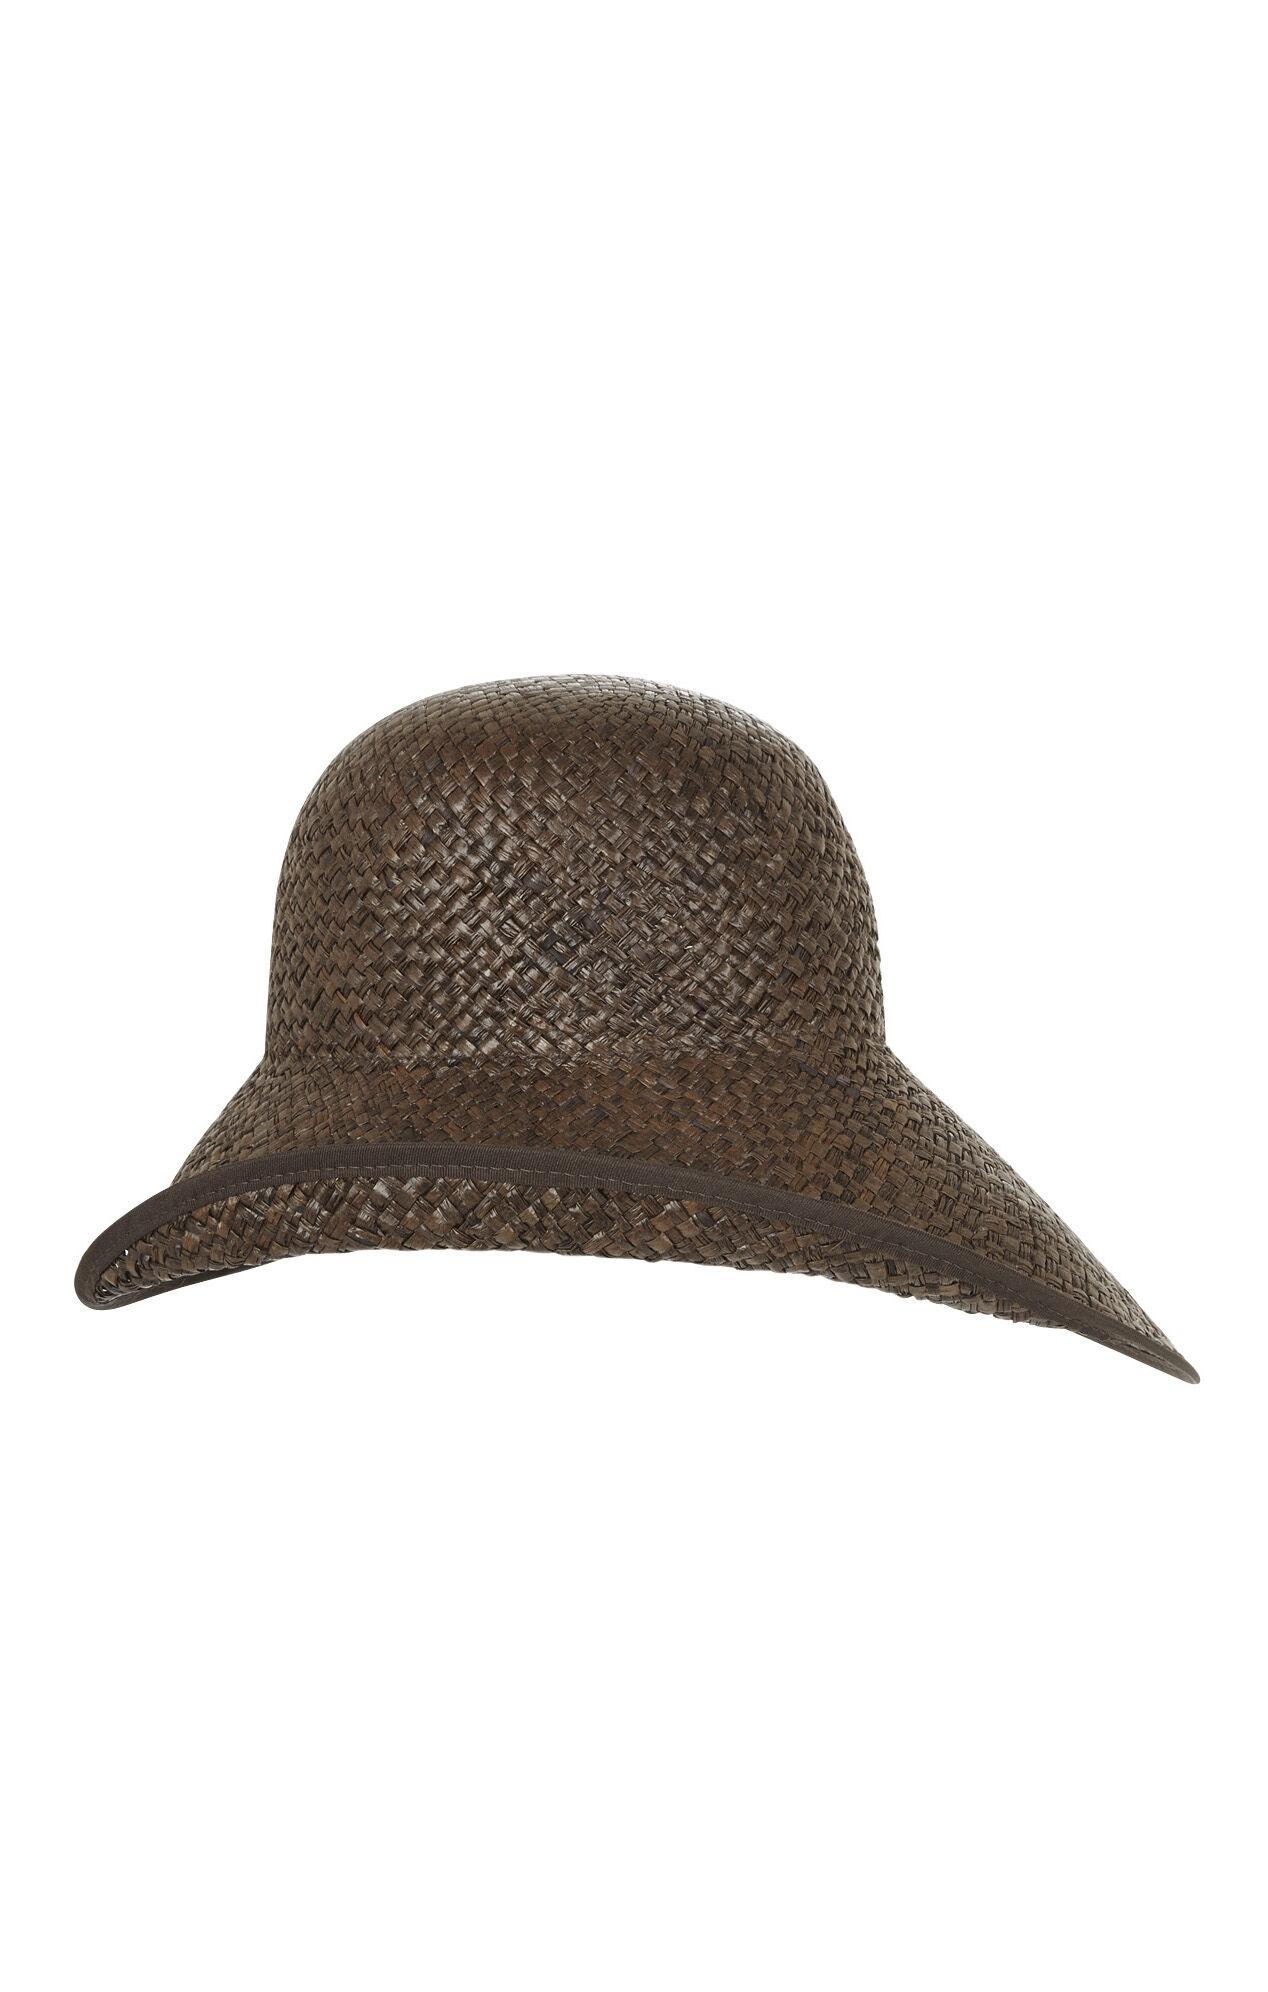 Asymmetrical Brim Hat